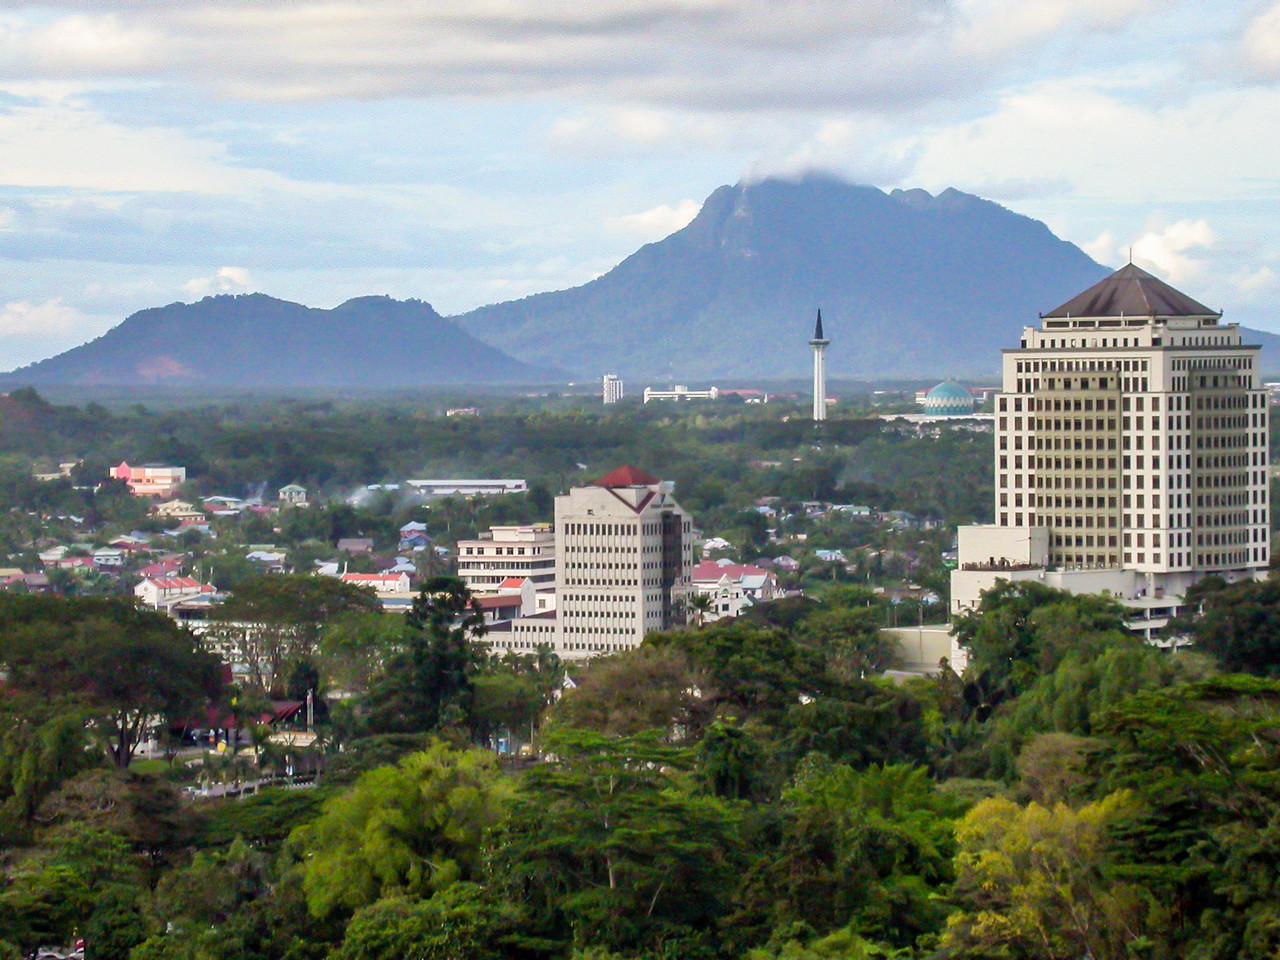 Kuching, Borneo, Malaysia 2005